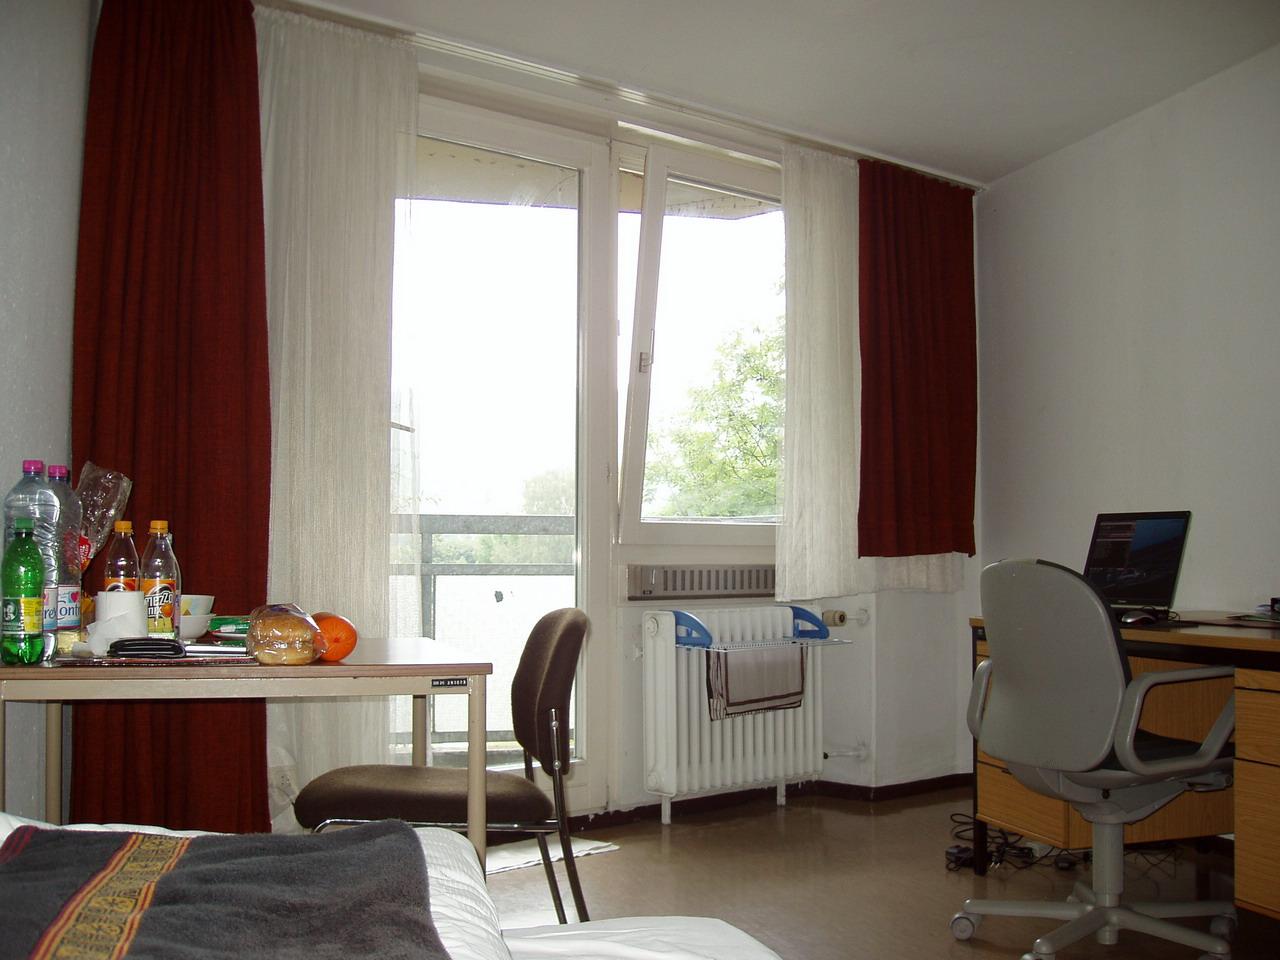 wohnung gesucht esslingen br hl bis 200 eur kaltmiete ab 1 zimmer und ab 21qm studenten. Black Bedroom Furniture Sets. Home Design Ideas